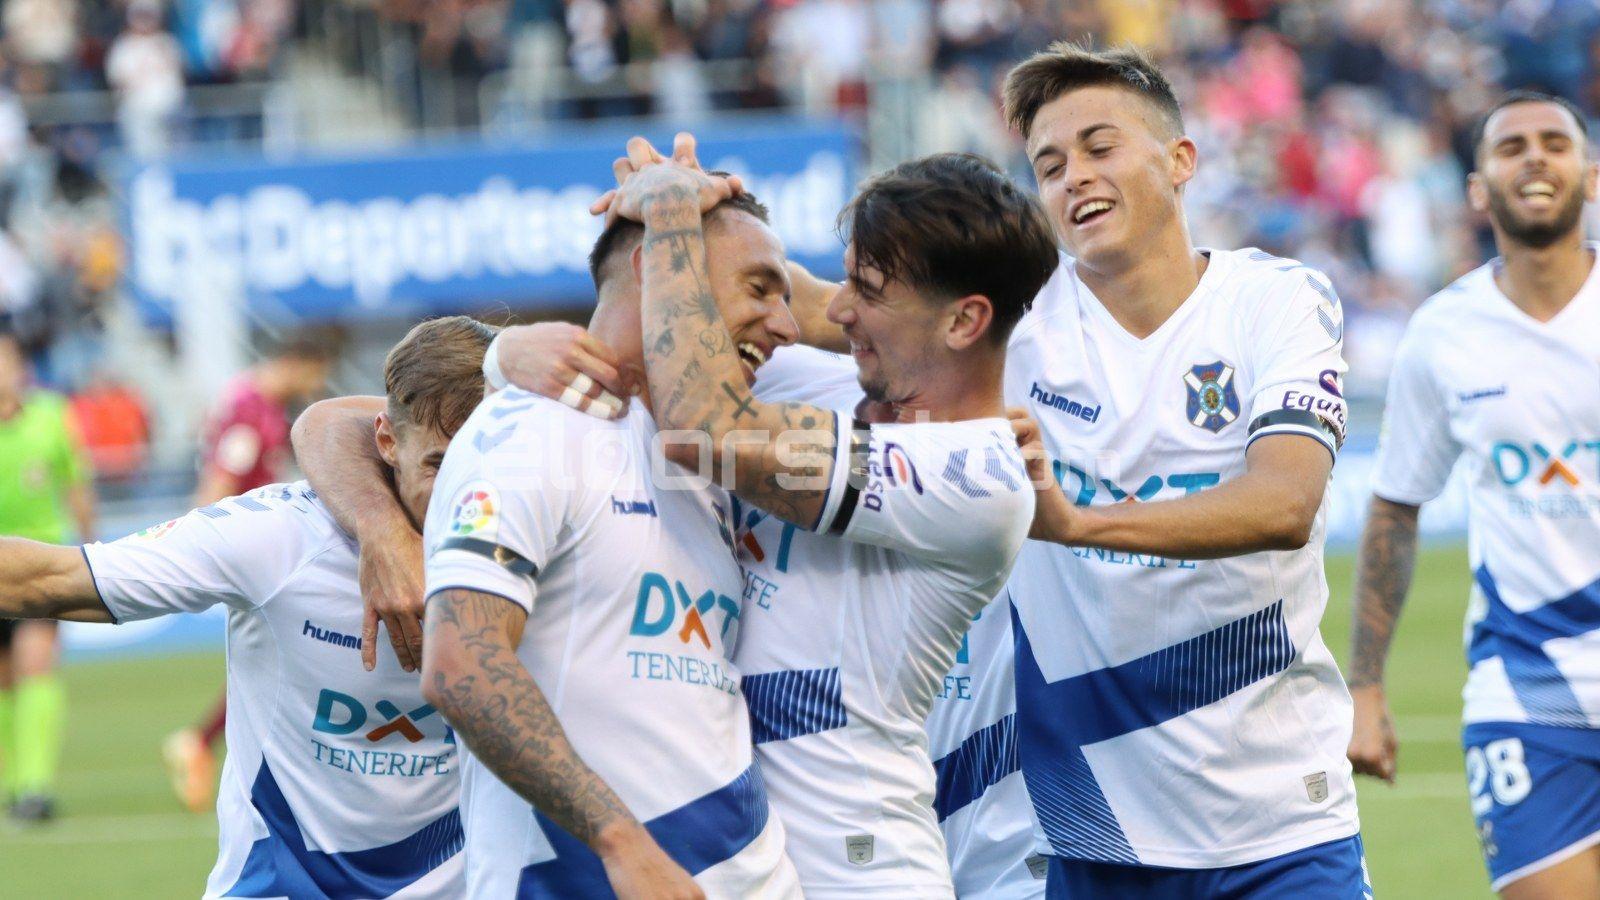 Suso celebra el gol junto a sus compañeros | @jacfotografo